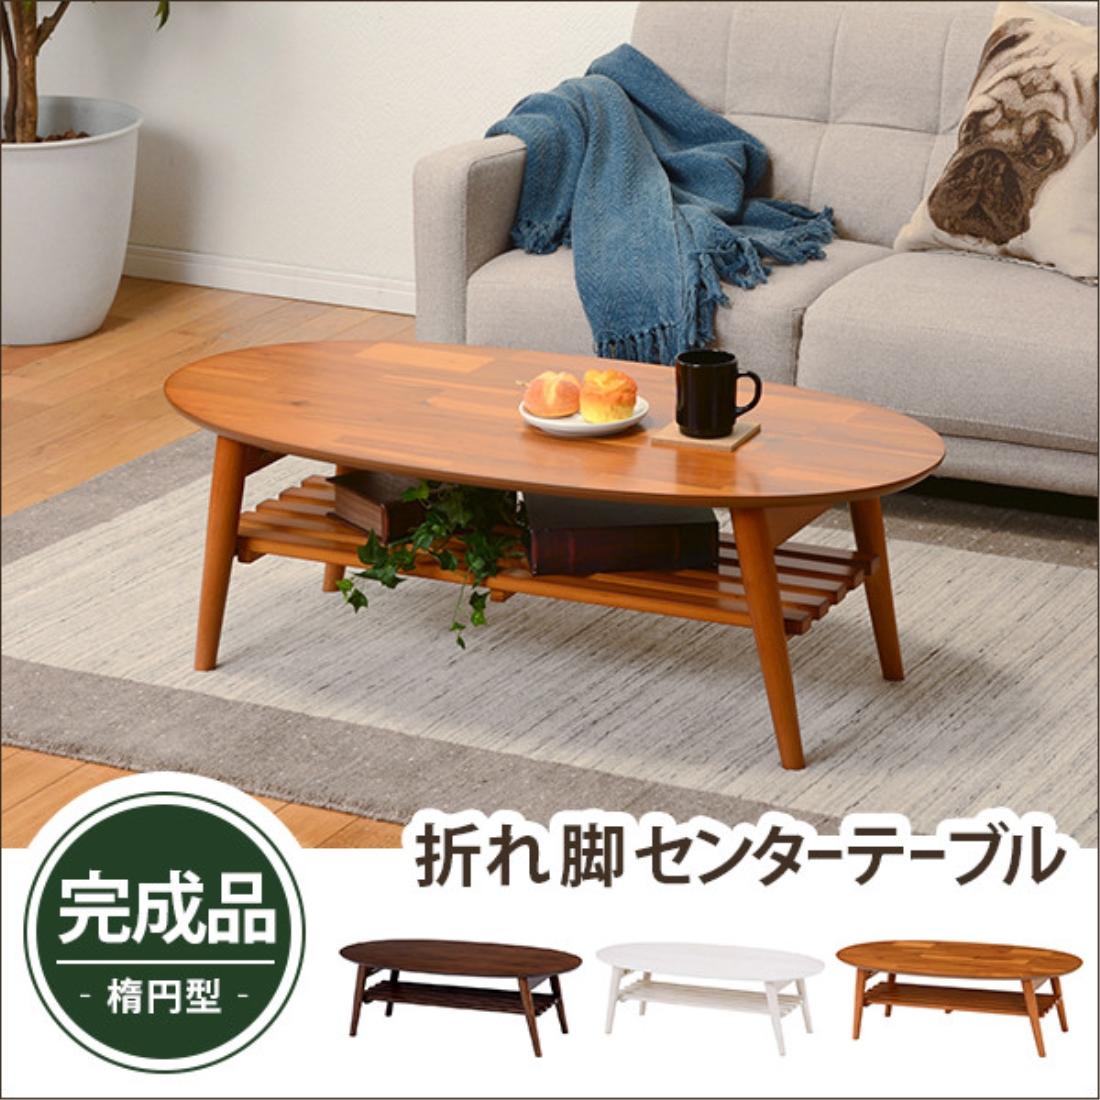 「送料無料」インテリア家具 完成品 楕円 折れ脚テーブル 折畳 テーブル 机 Acacia